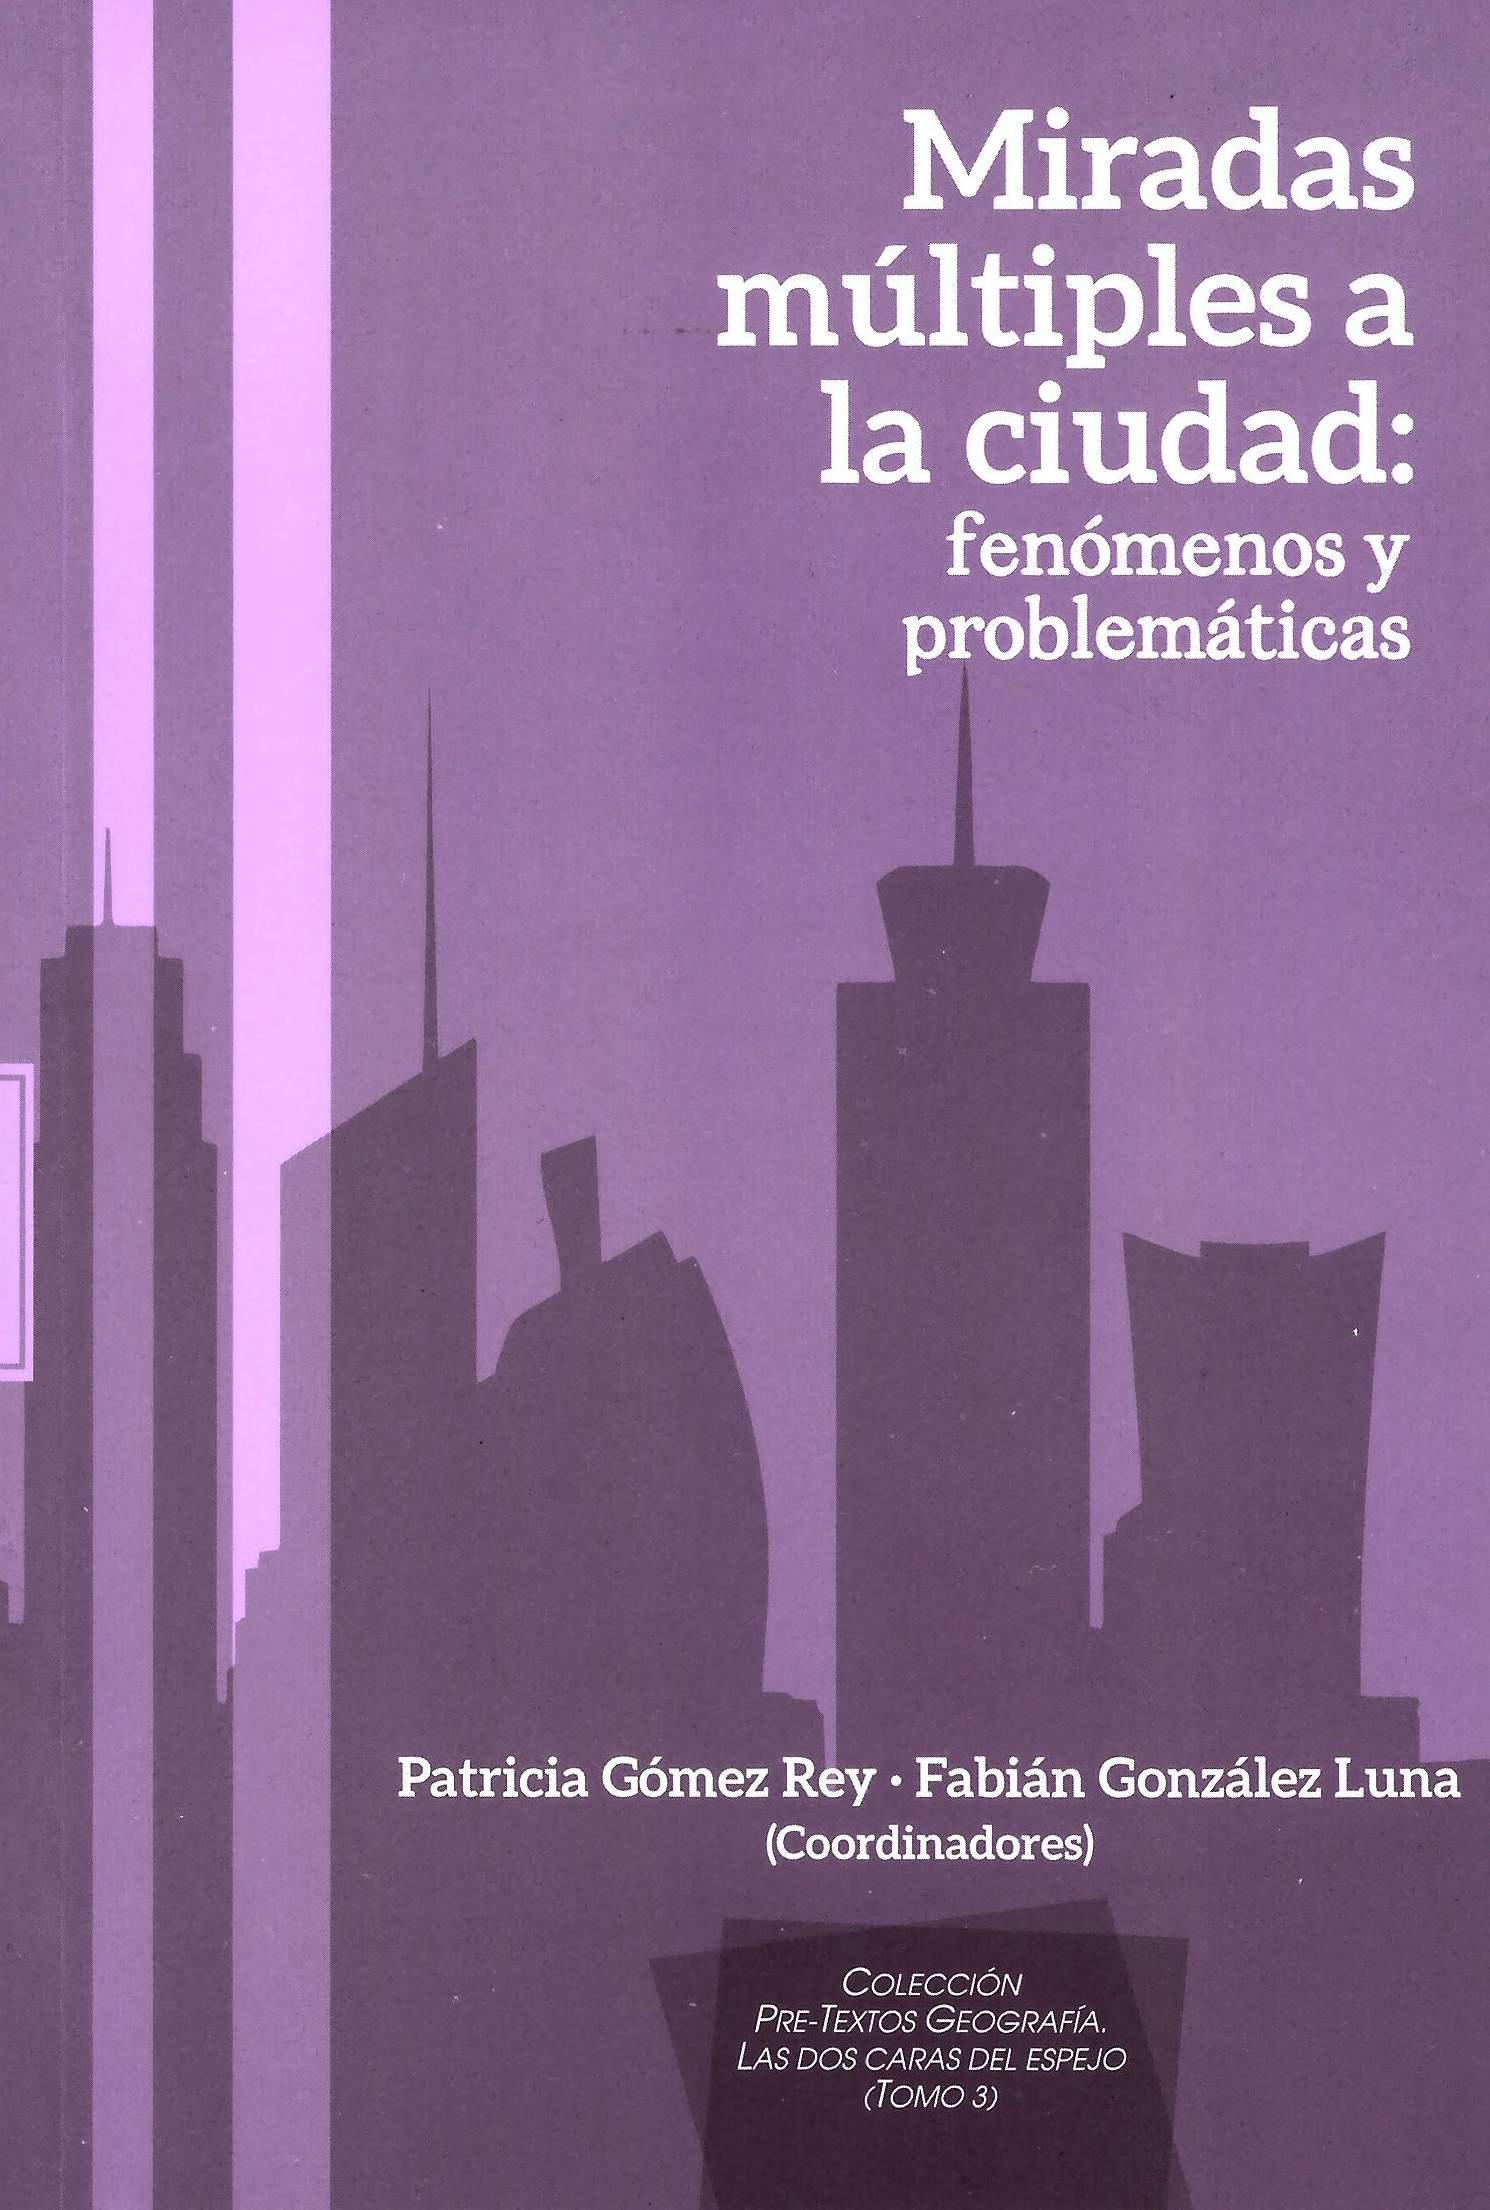 Miradas múltiples a la ciudad: fenómenos y problemáticas